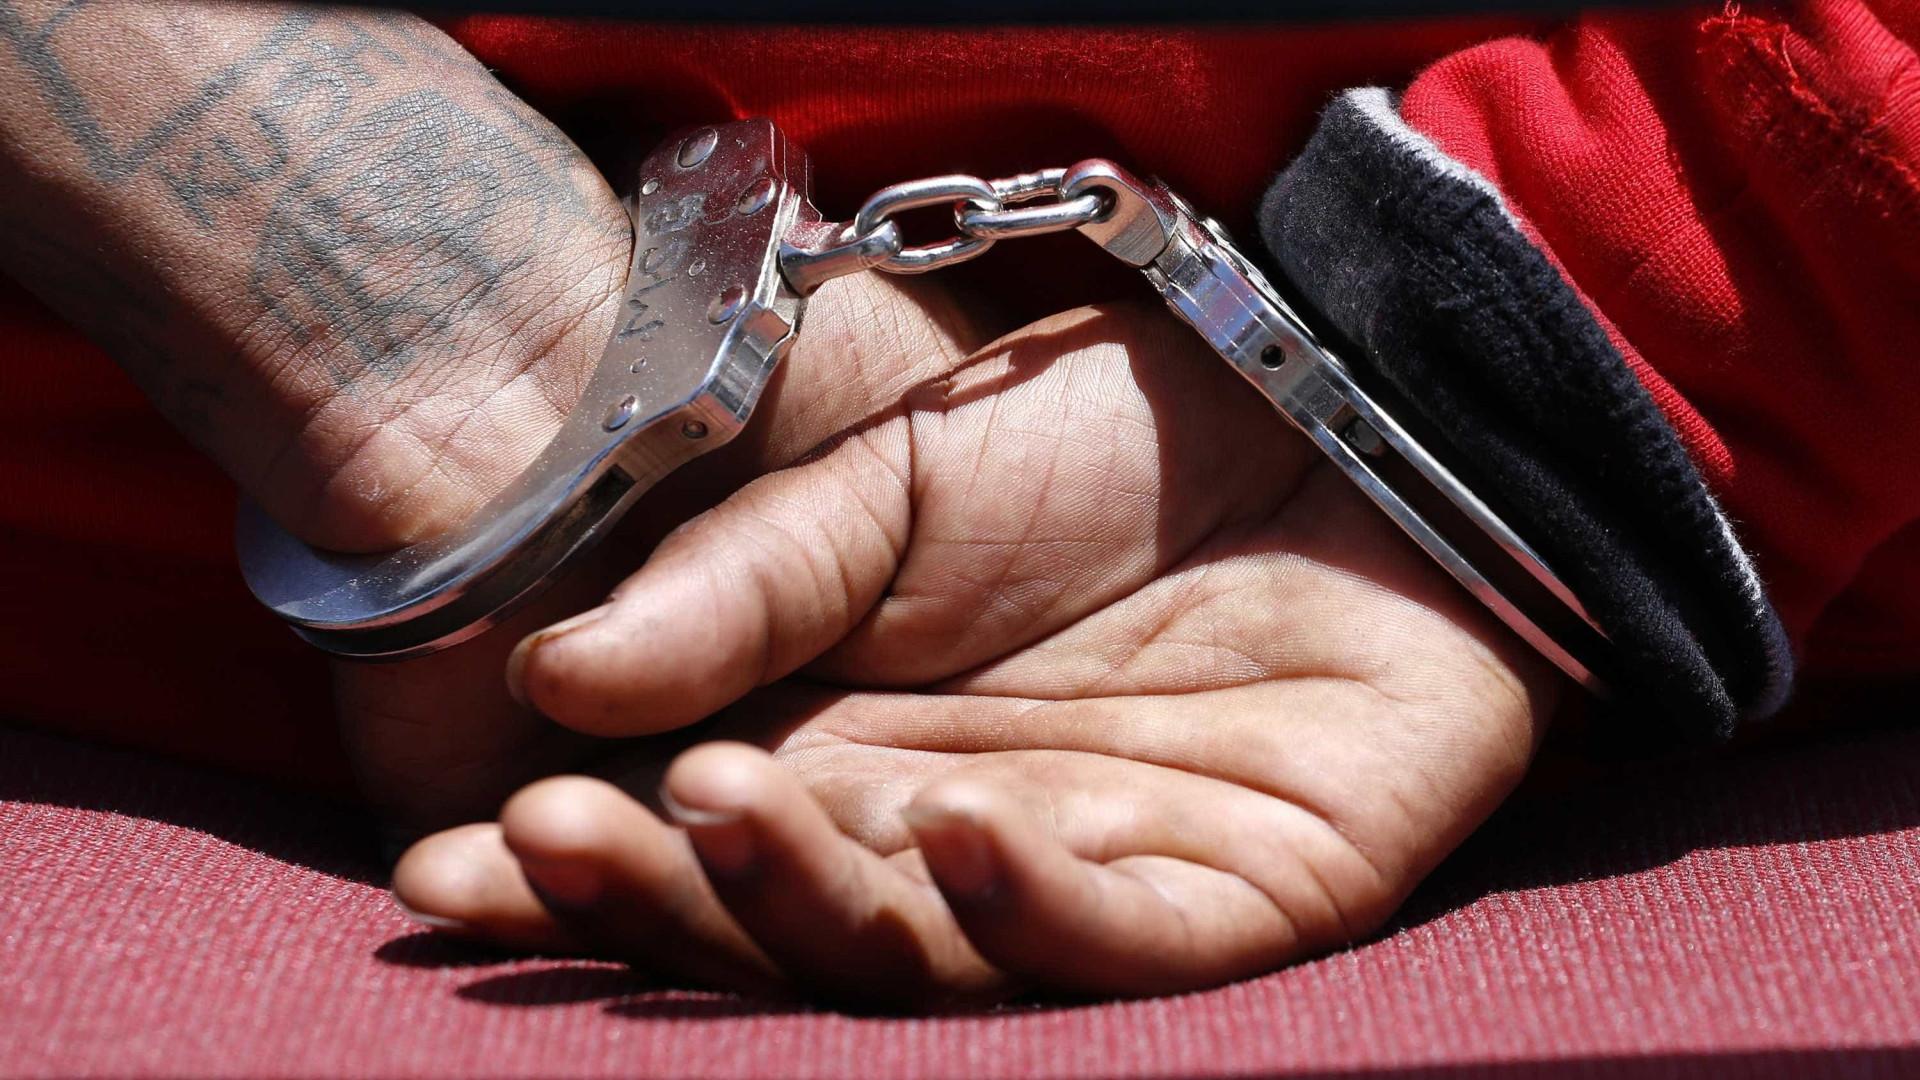 Jovem é preso suspeito de estuprar a mãe na frente da irmã de 11 anos